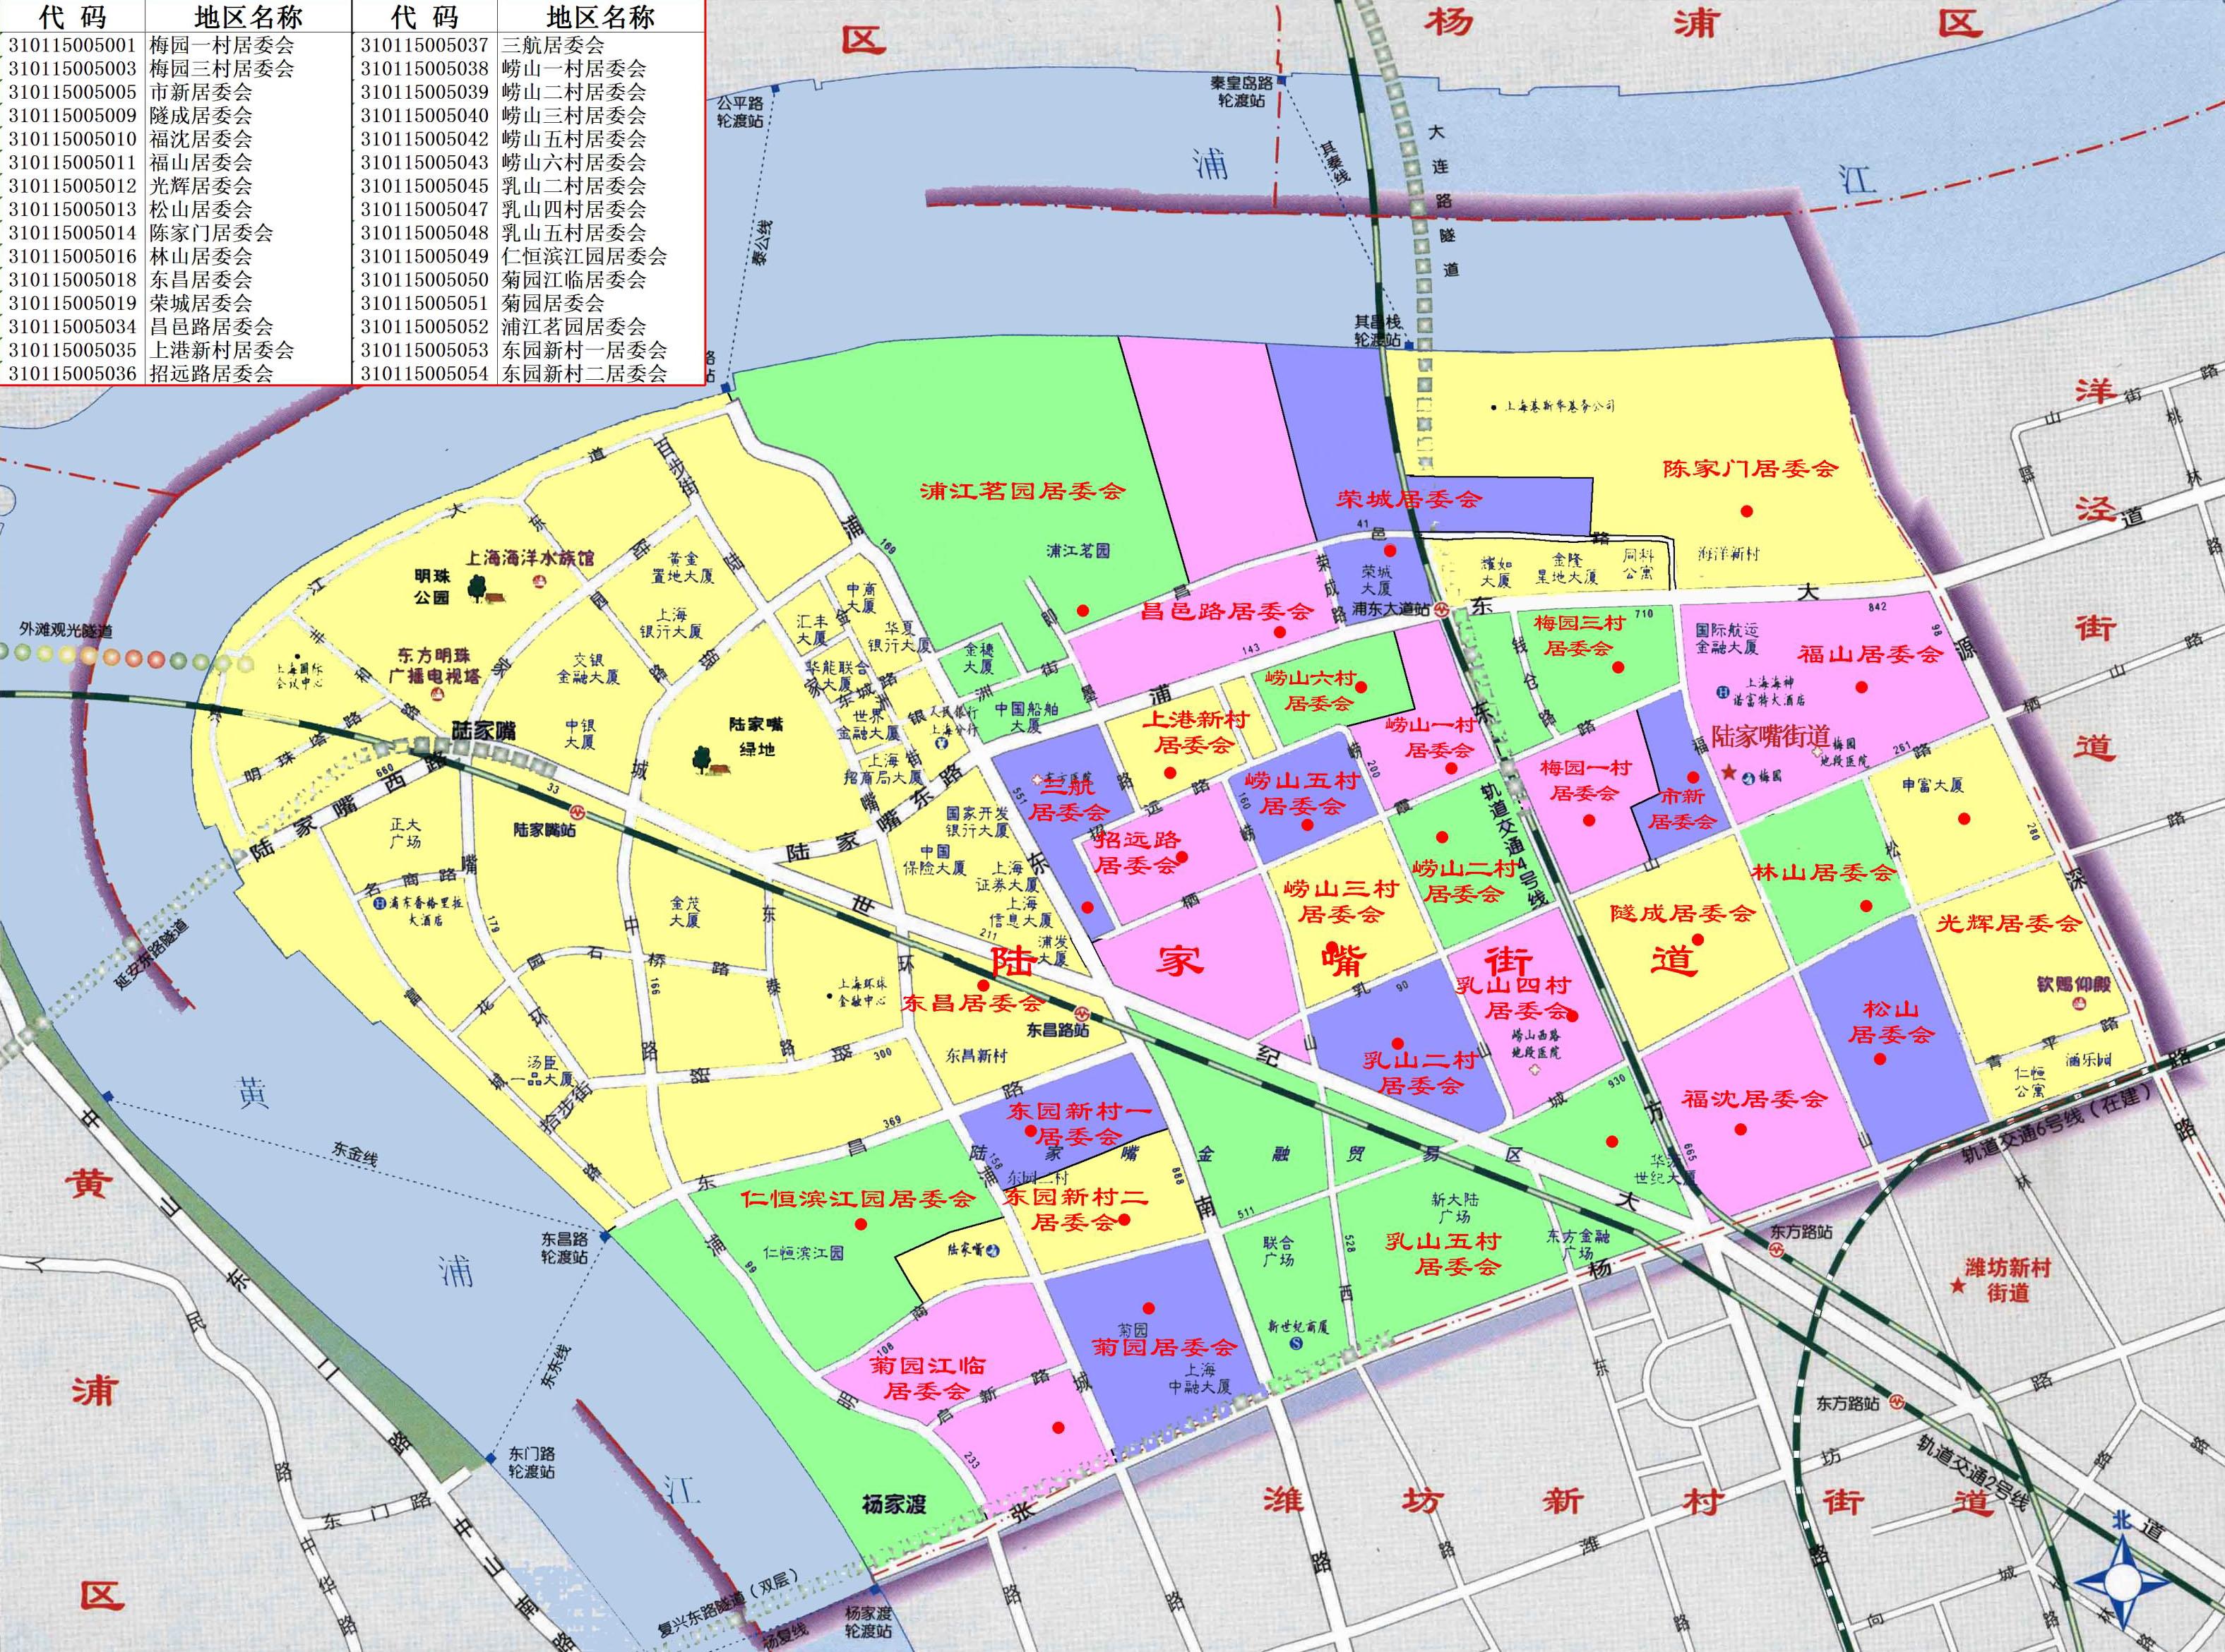 浦东新区陆家嘴街道地图